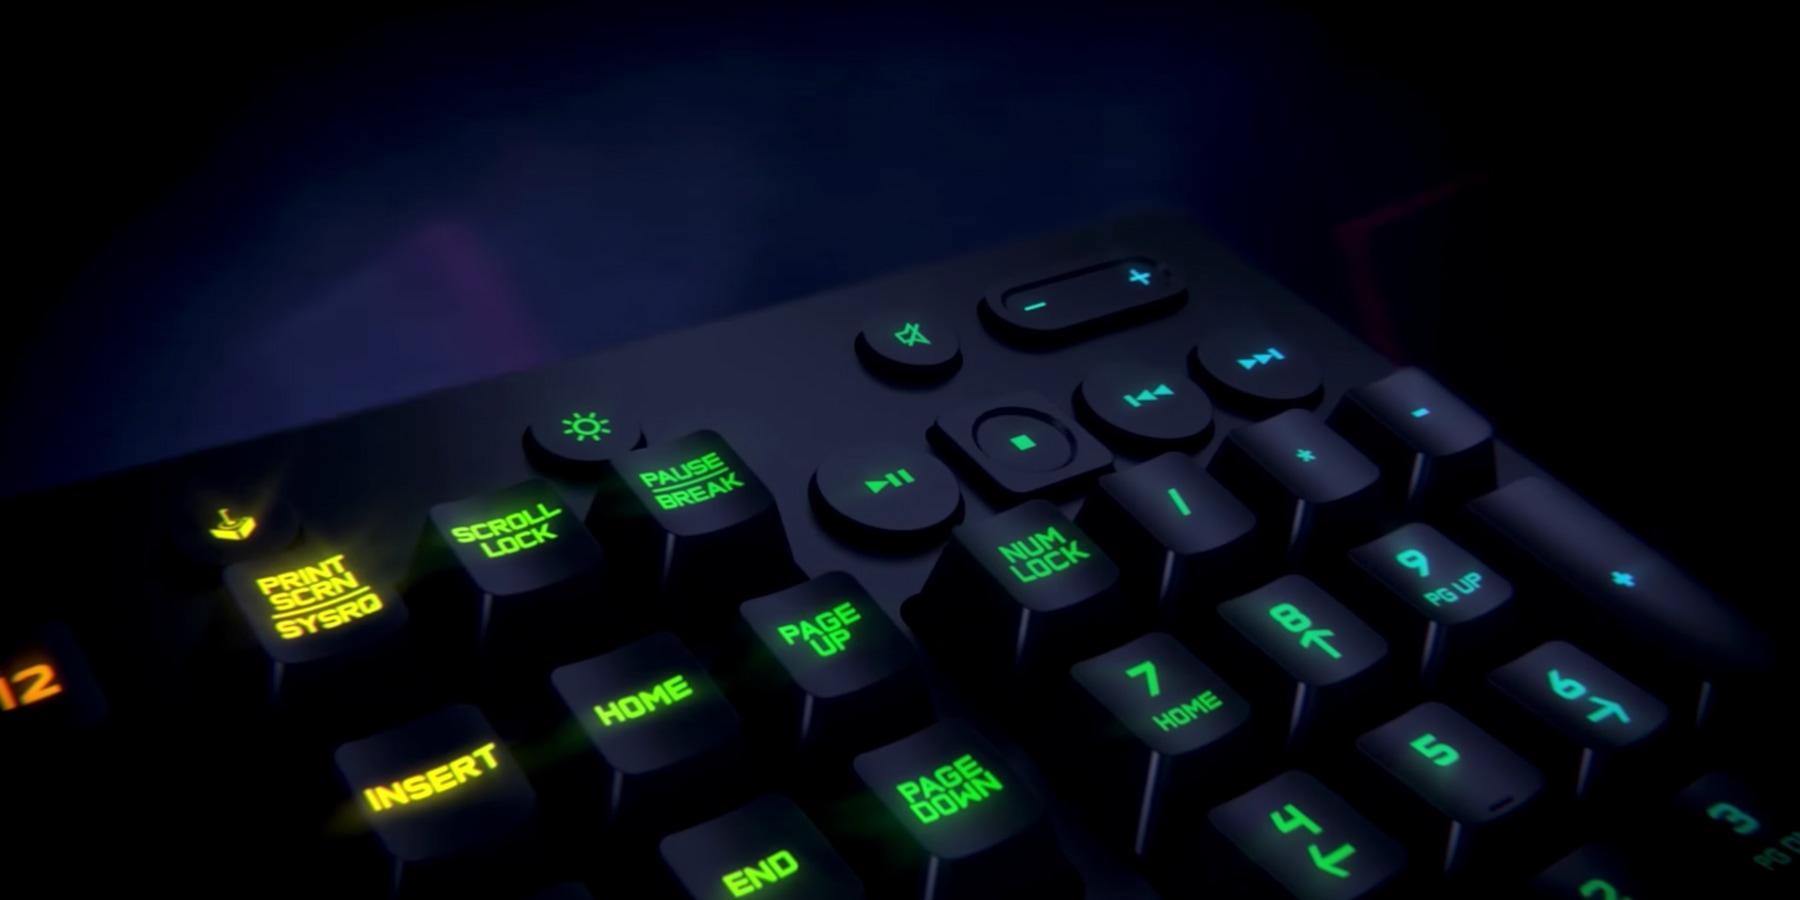 Giới thiệu Bàn phím cơ Logitech G213 Prodigy RGB Gaming